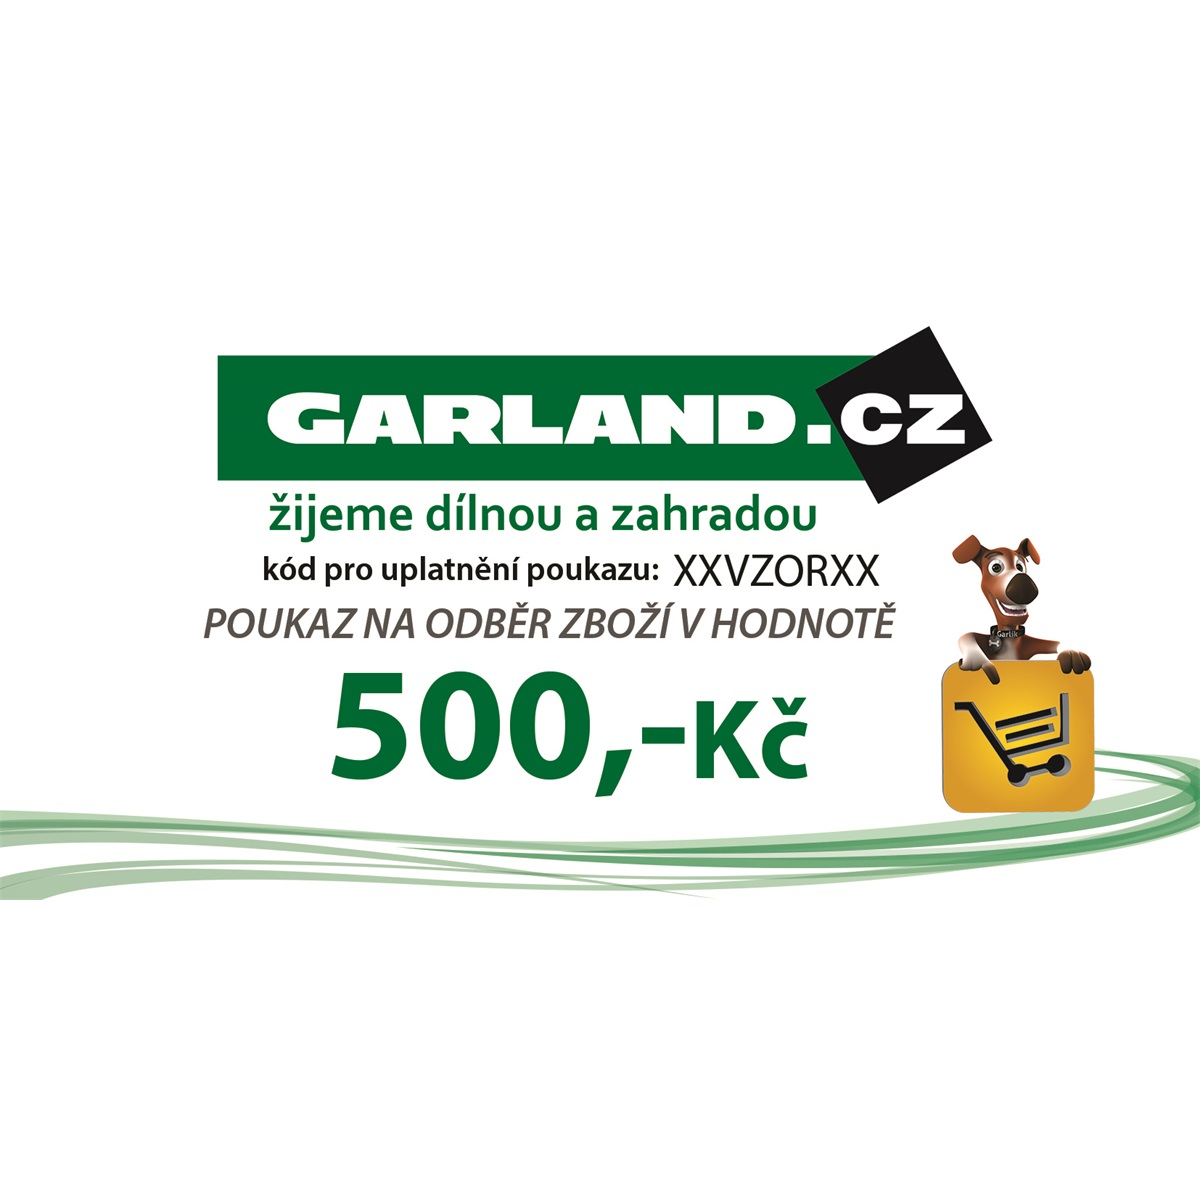 Dárkový poukaz GARLAND.cz 500 Kč